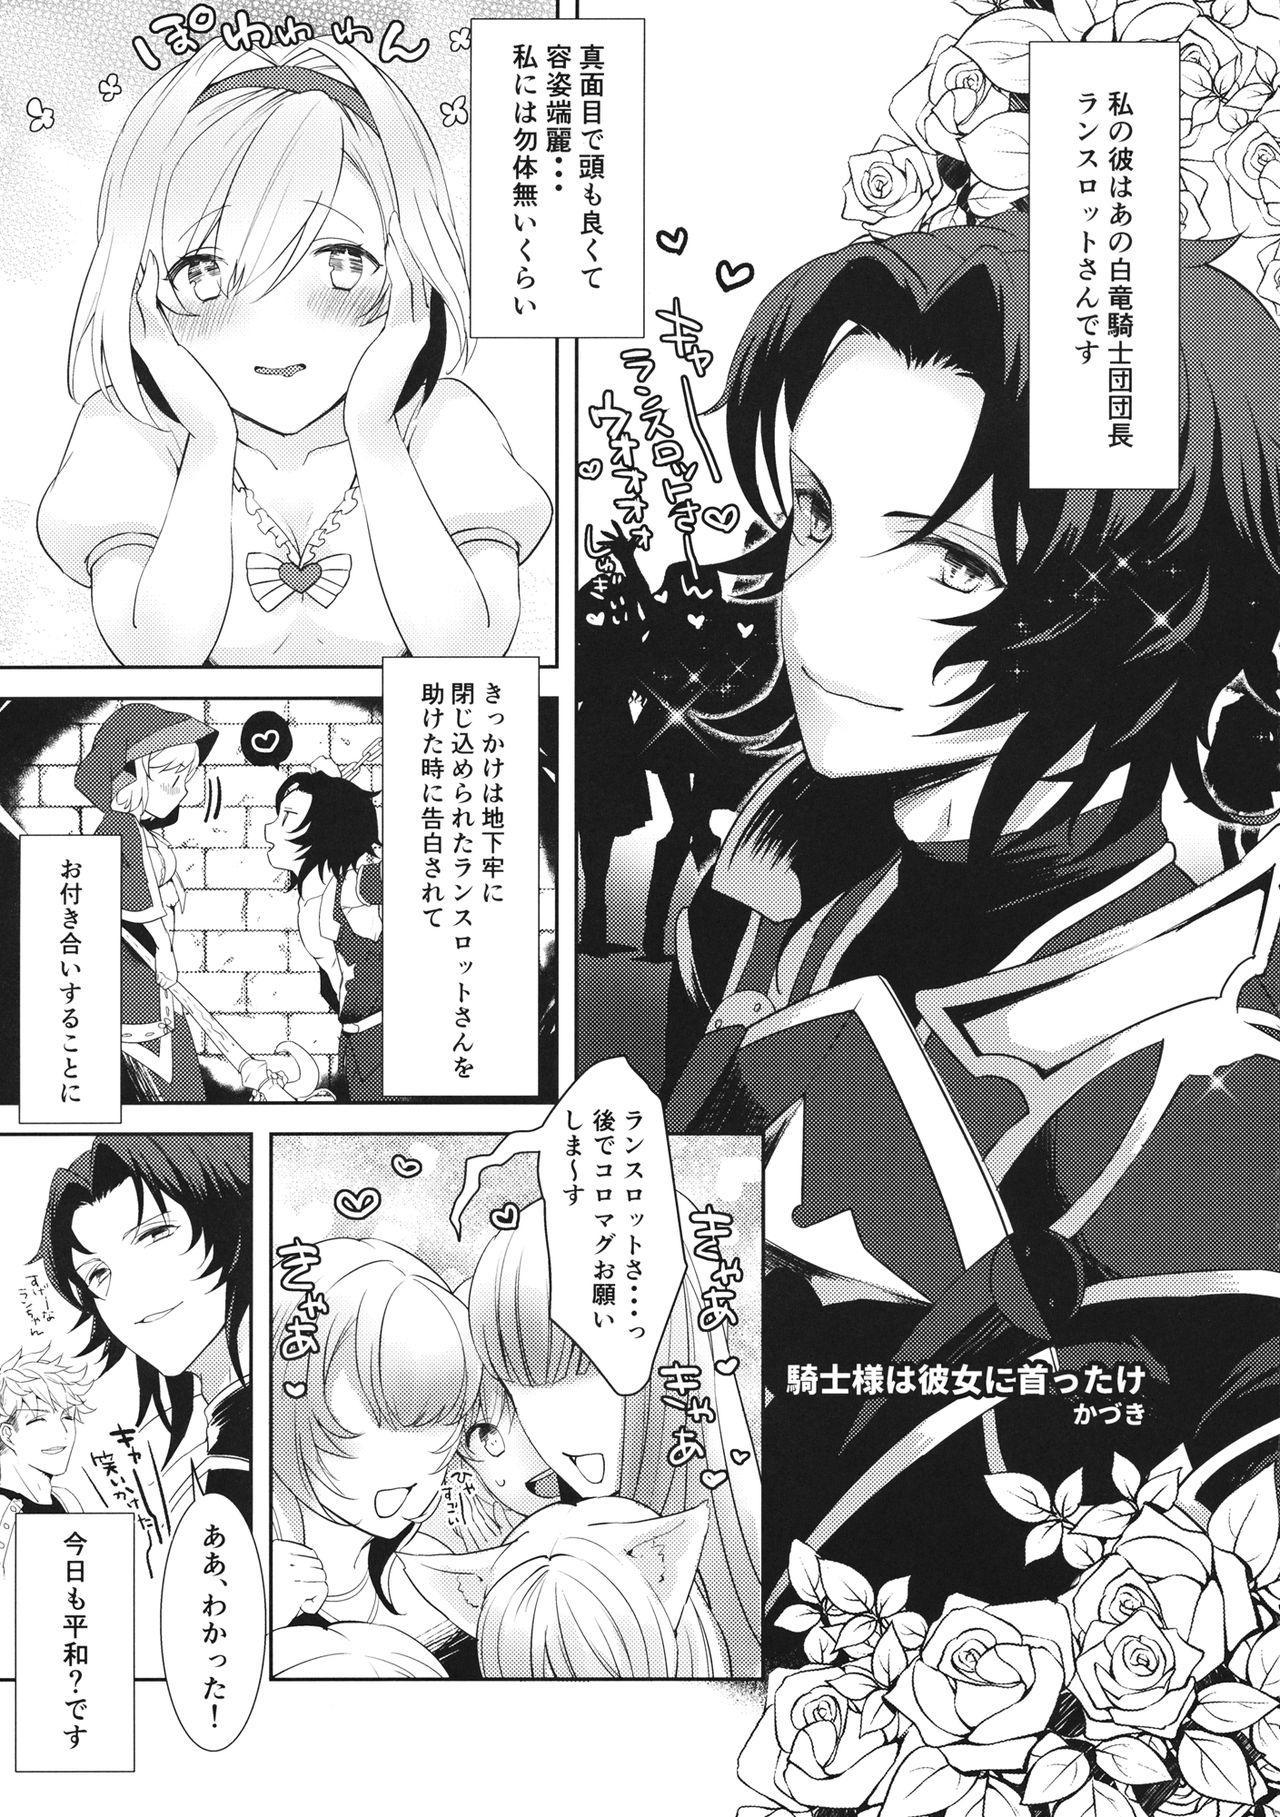 2/4 Kishi - Yonbun no Ni Kishi 4